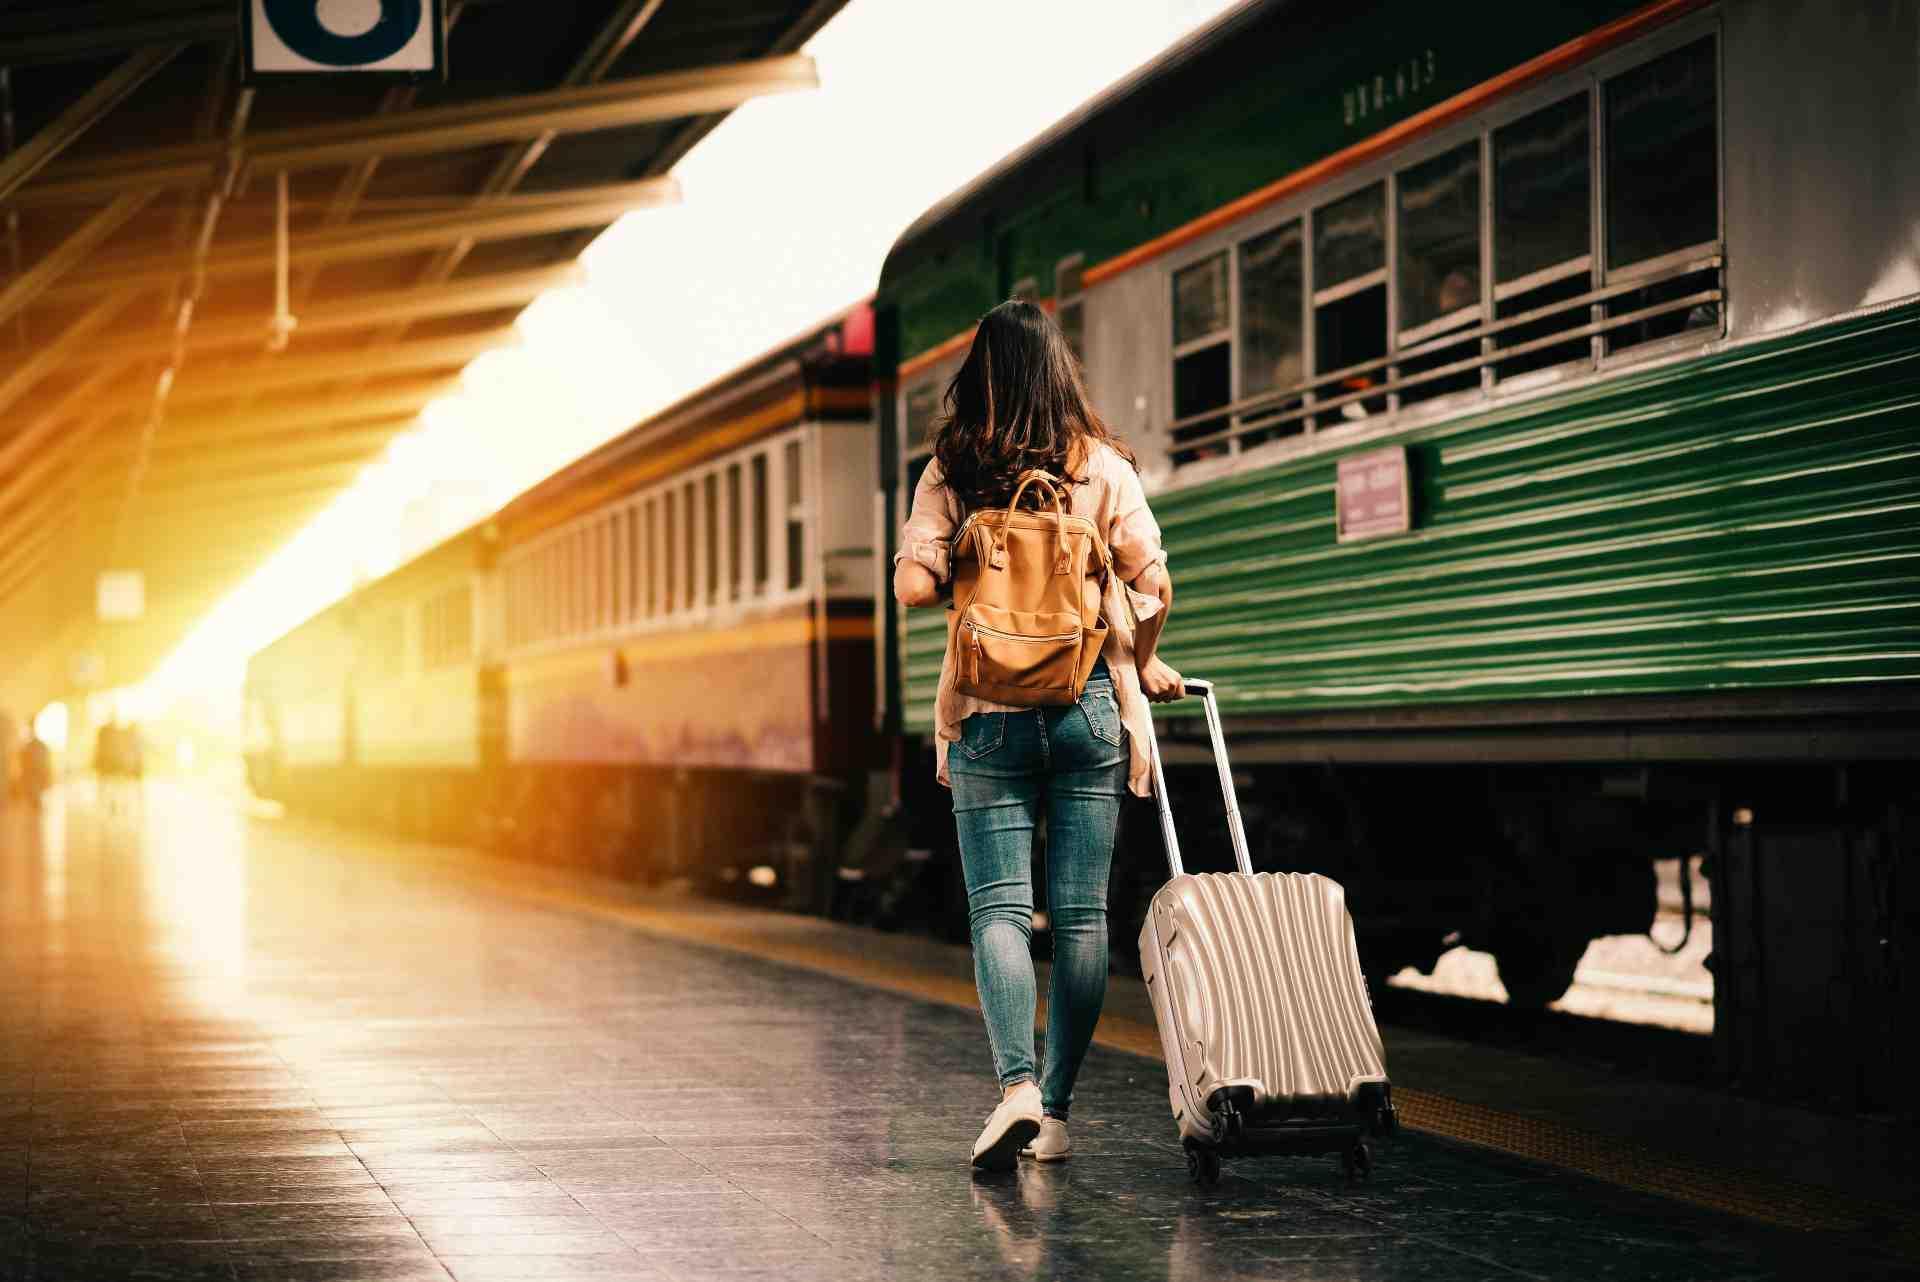 Woman traveler walking by train